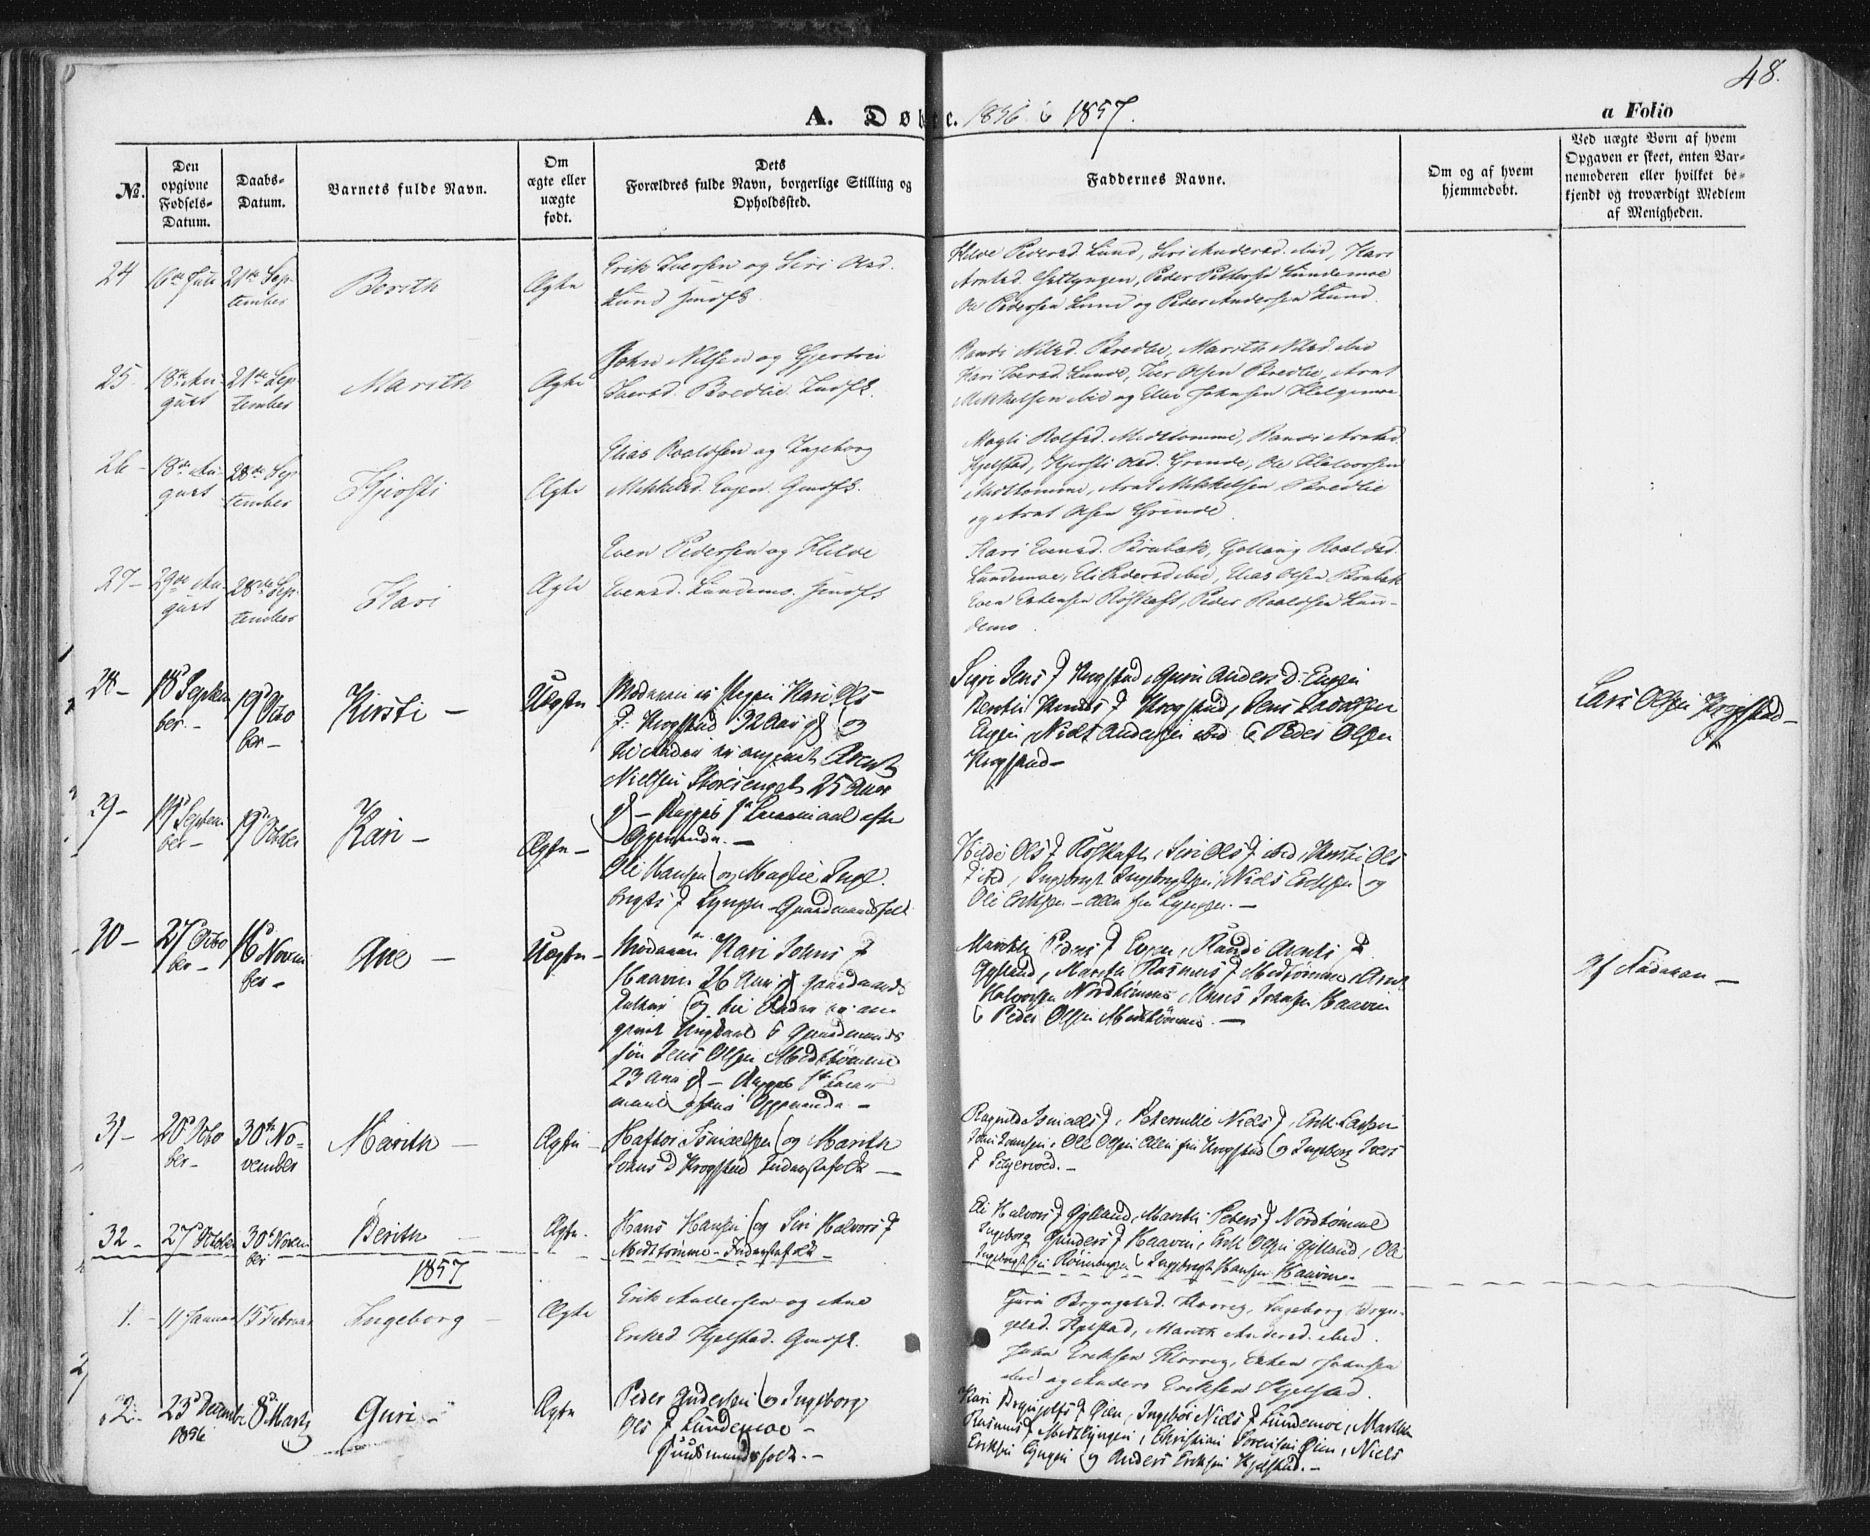 SAT, Ministerialprotokoller, klokkerbøker og fødselsregistre - Sør-Trøndelag, 692/L1103: Ministerialbok nr. 692A03, 1849-1870, s. 48